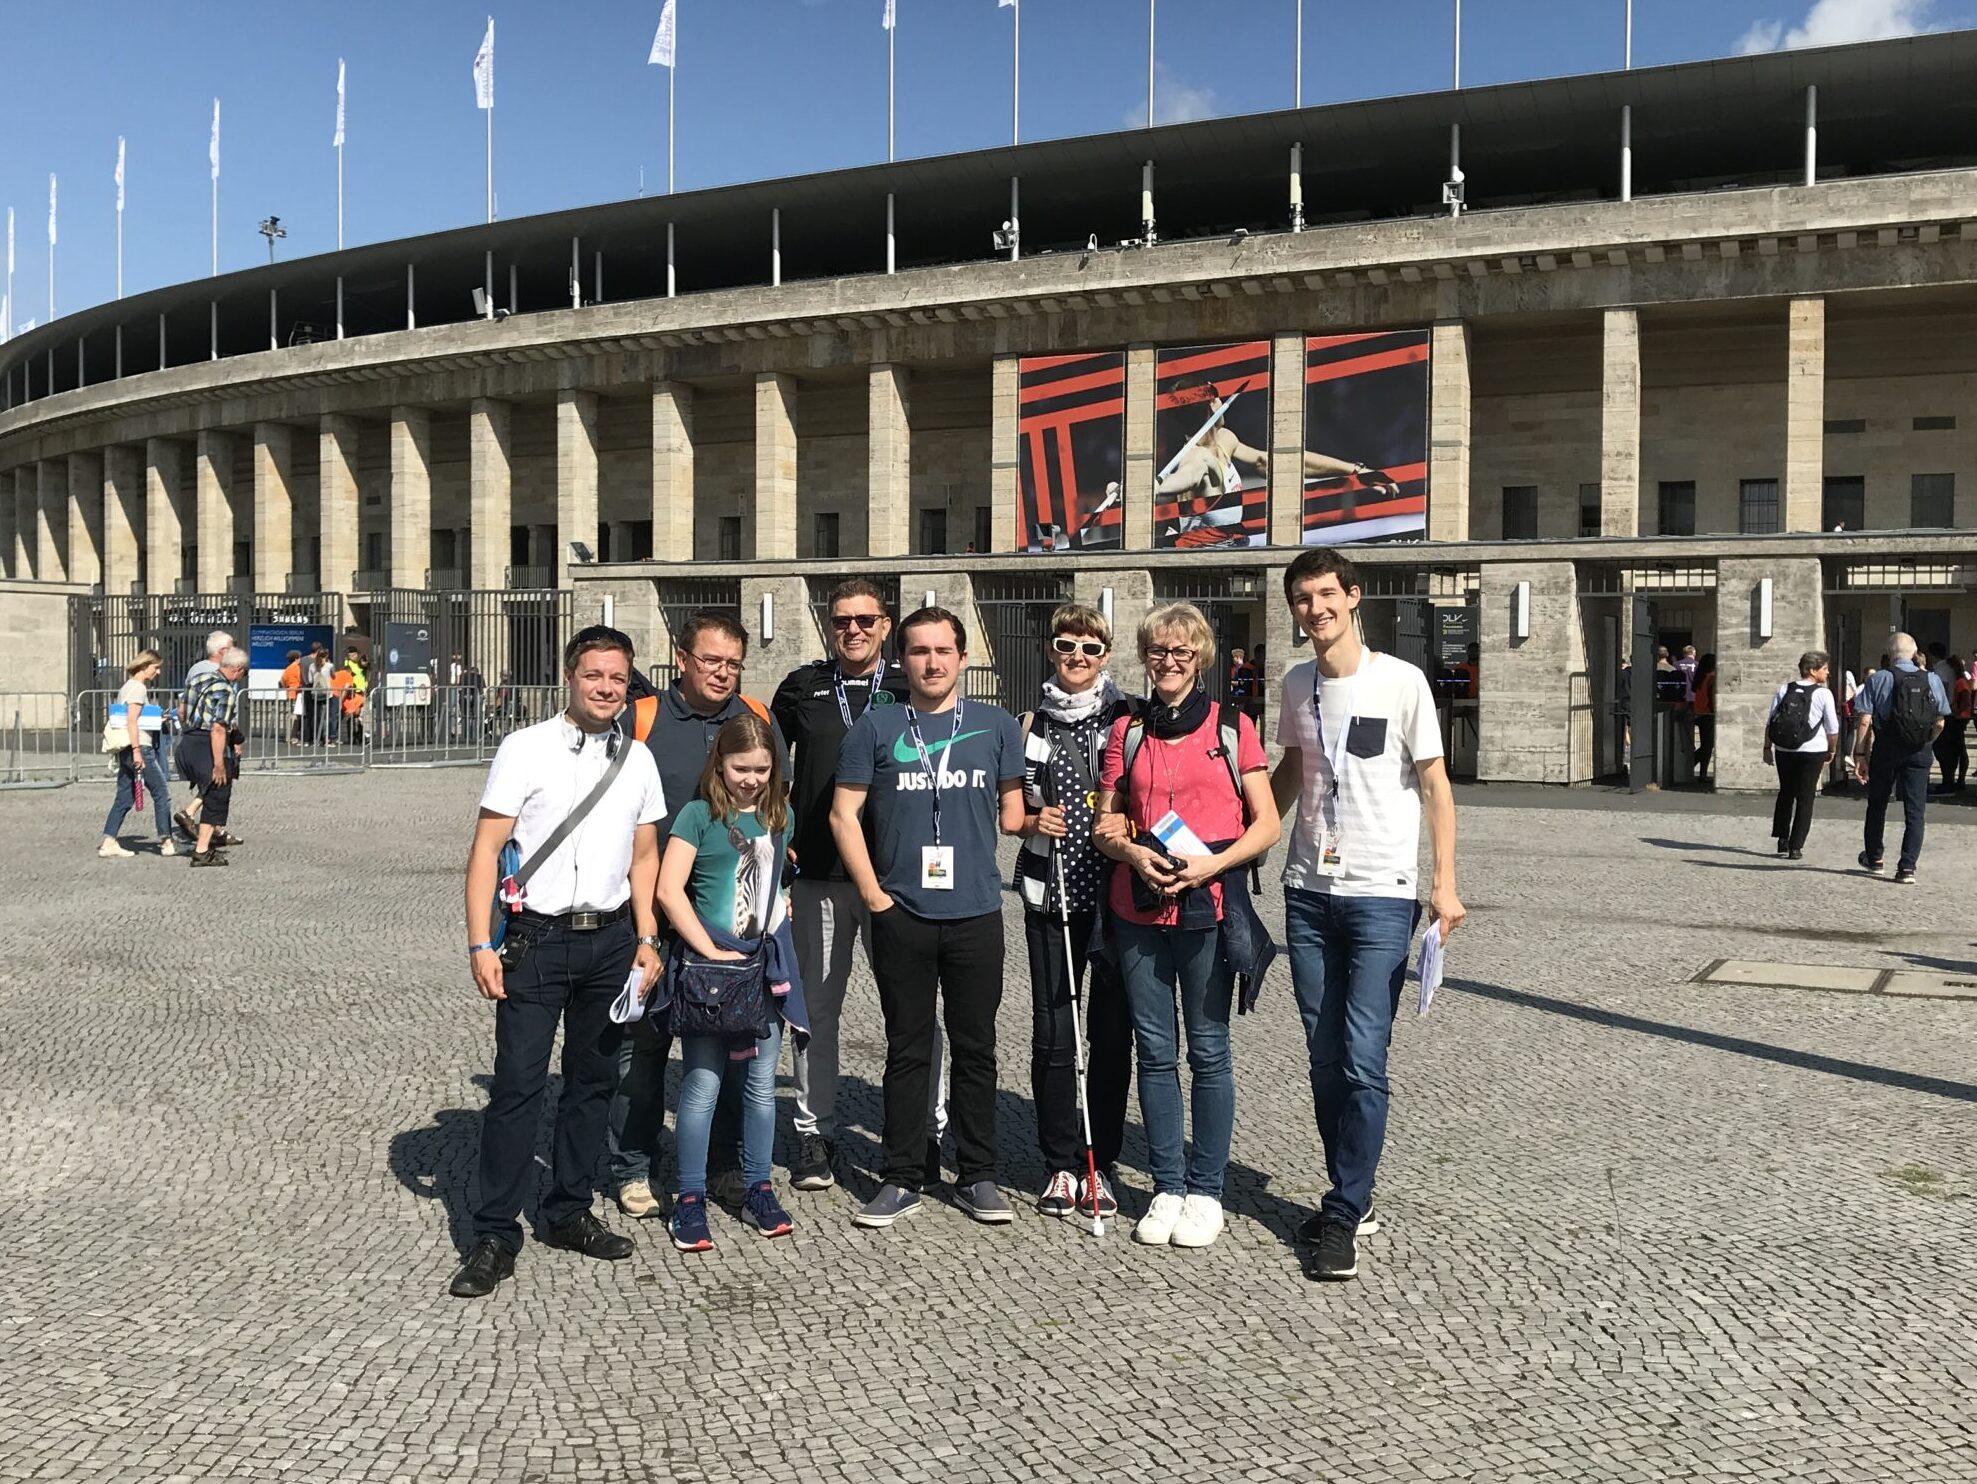 Einige Gäste der Audiodeskription bei den Deutschen Leichtathletik-Meisterschaften in Berlin, Foto: DLV.